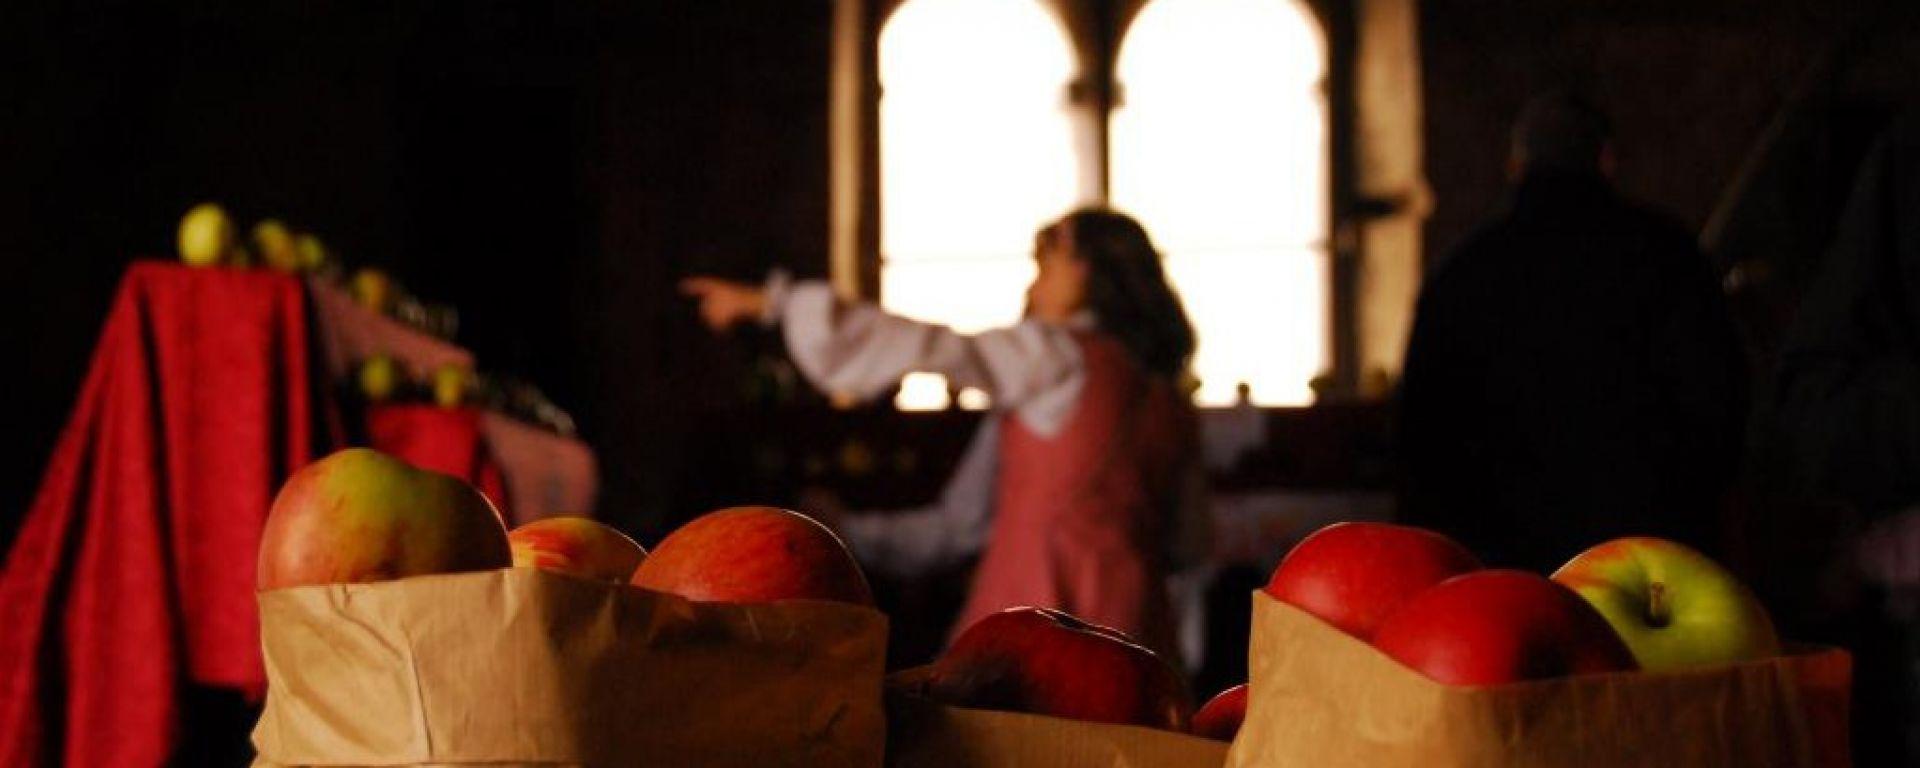 Val di Non: me la guido e... mela godo